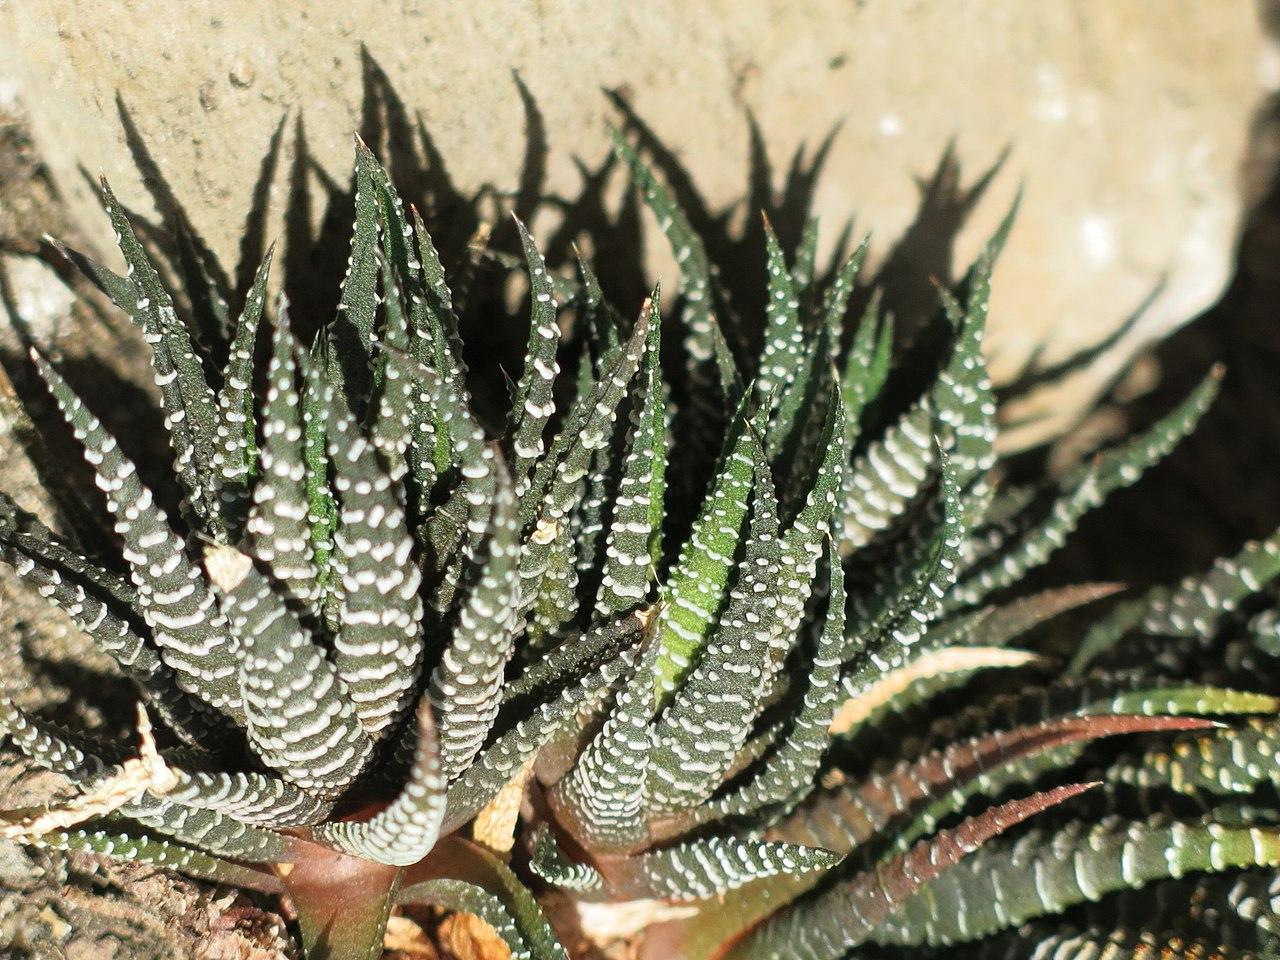 La Haworthia fasciata produce numerosos hijuelos